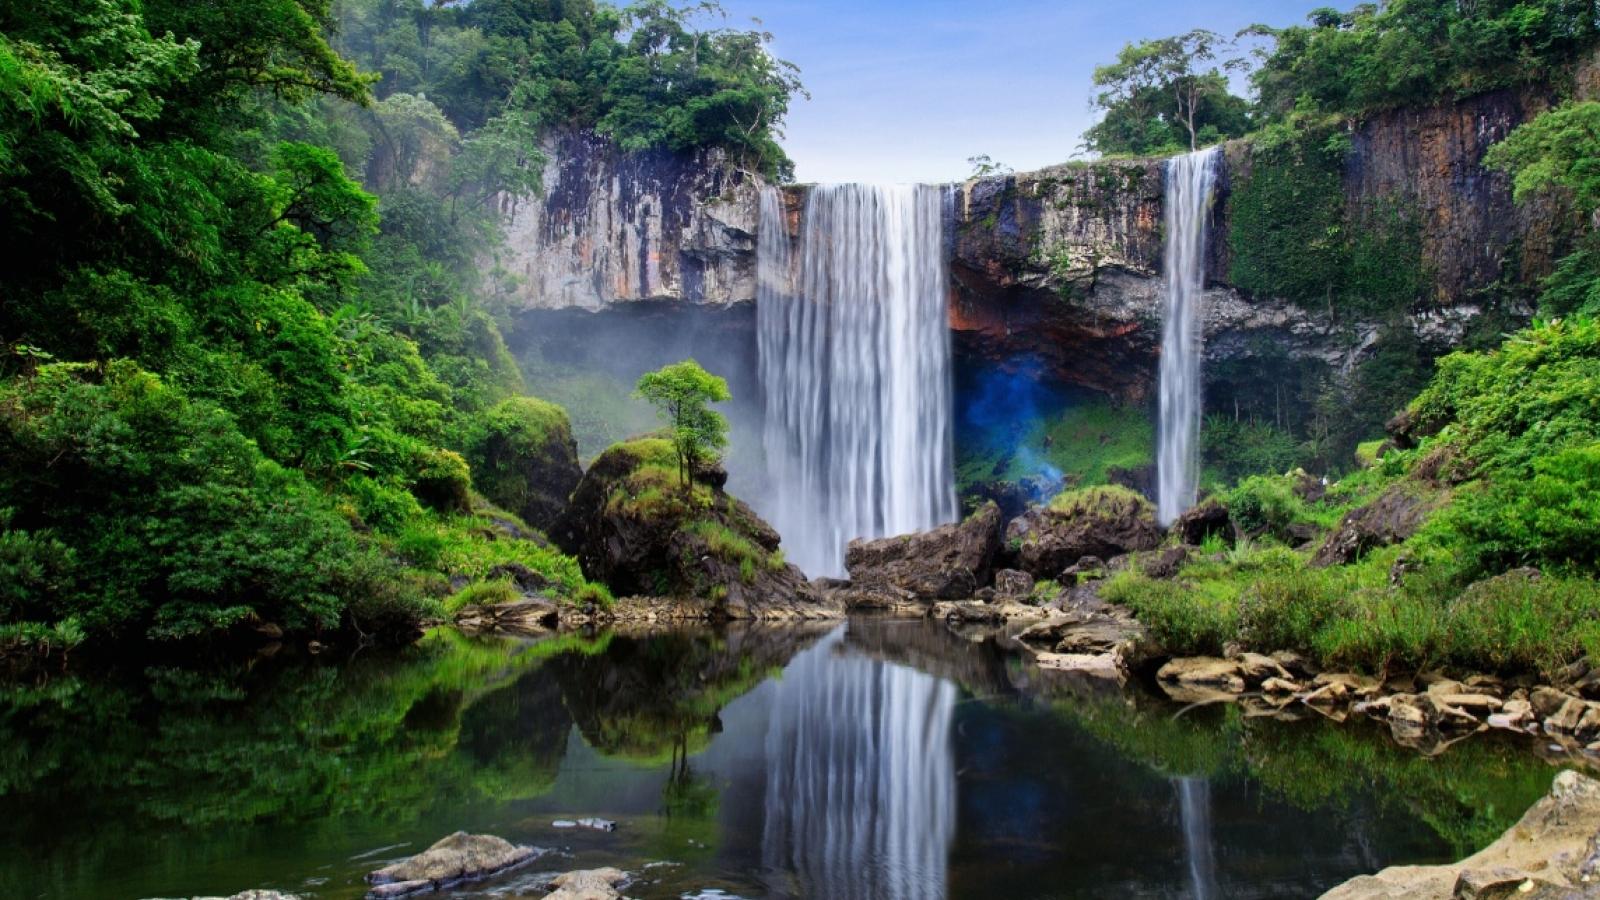 Vẻ đẹp của Khu dự trữ sinh quyển thế giới Cao nguyên Kon Hà Nừng